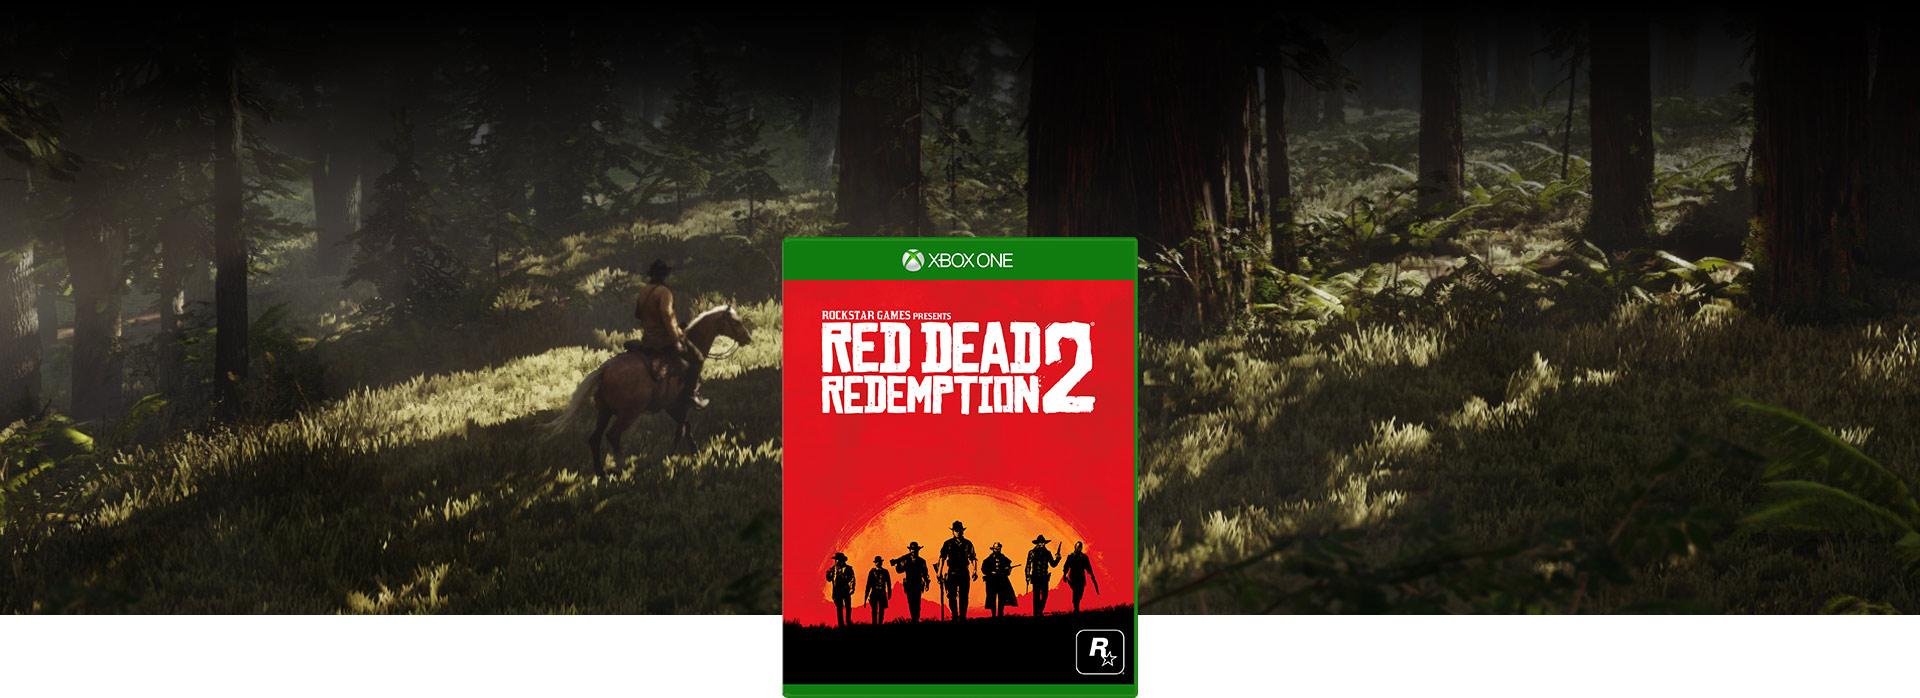 Red Dead Redemption 2 foto van de verpakking